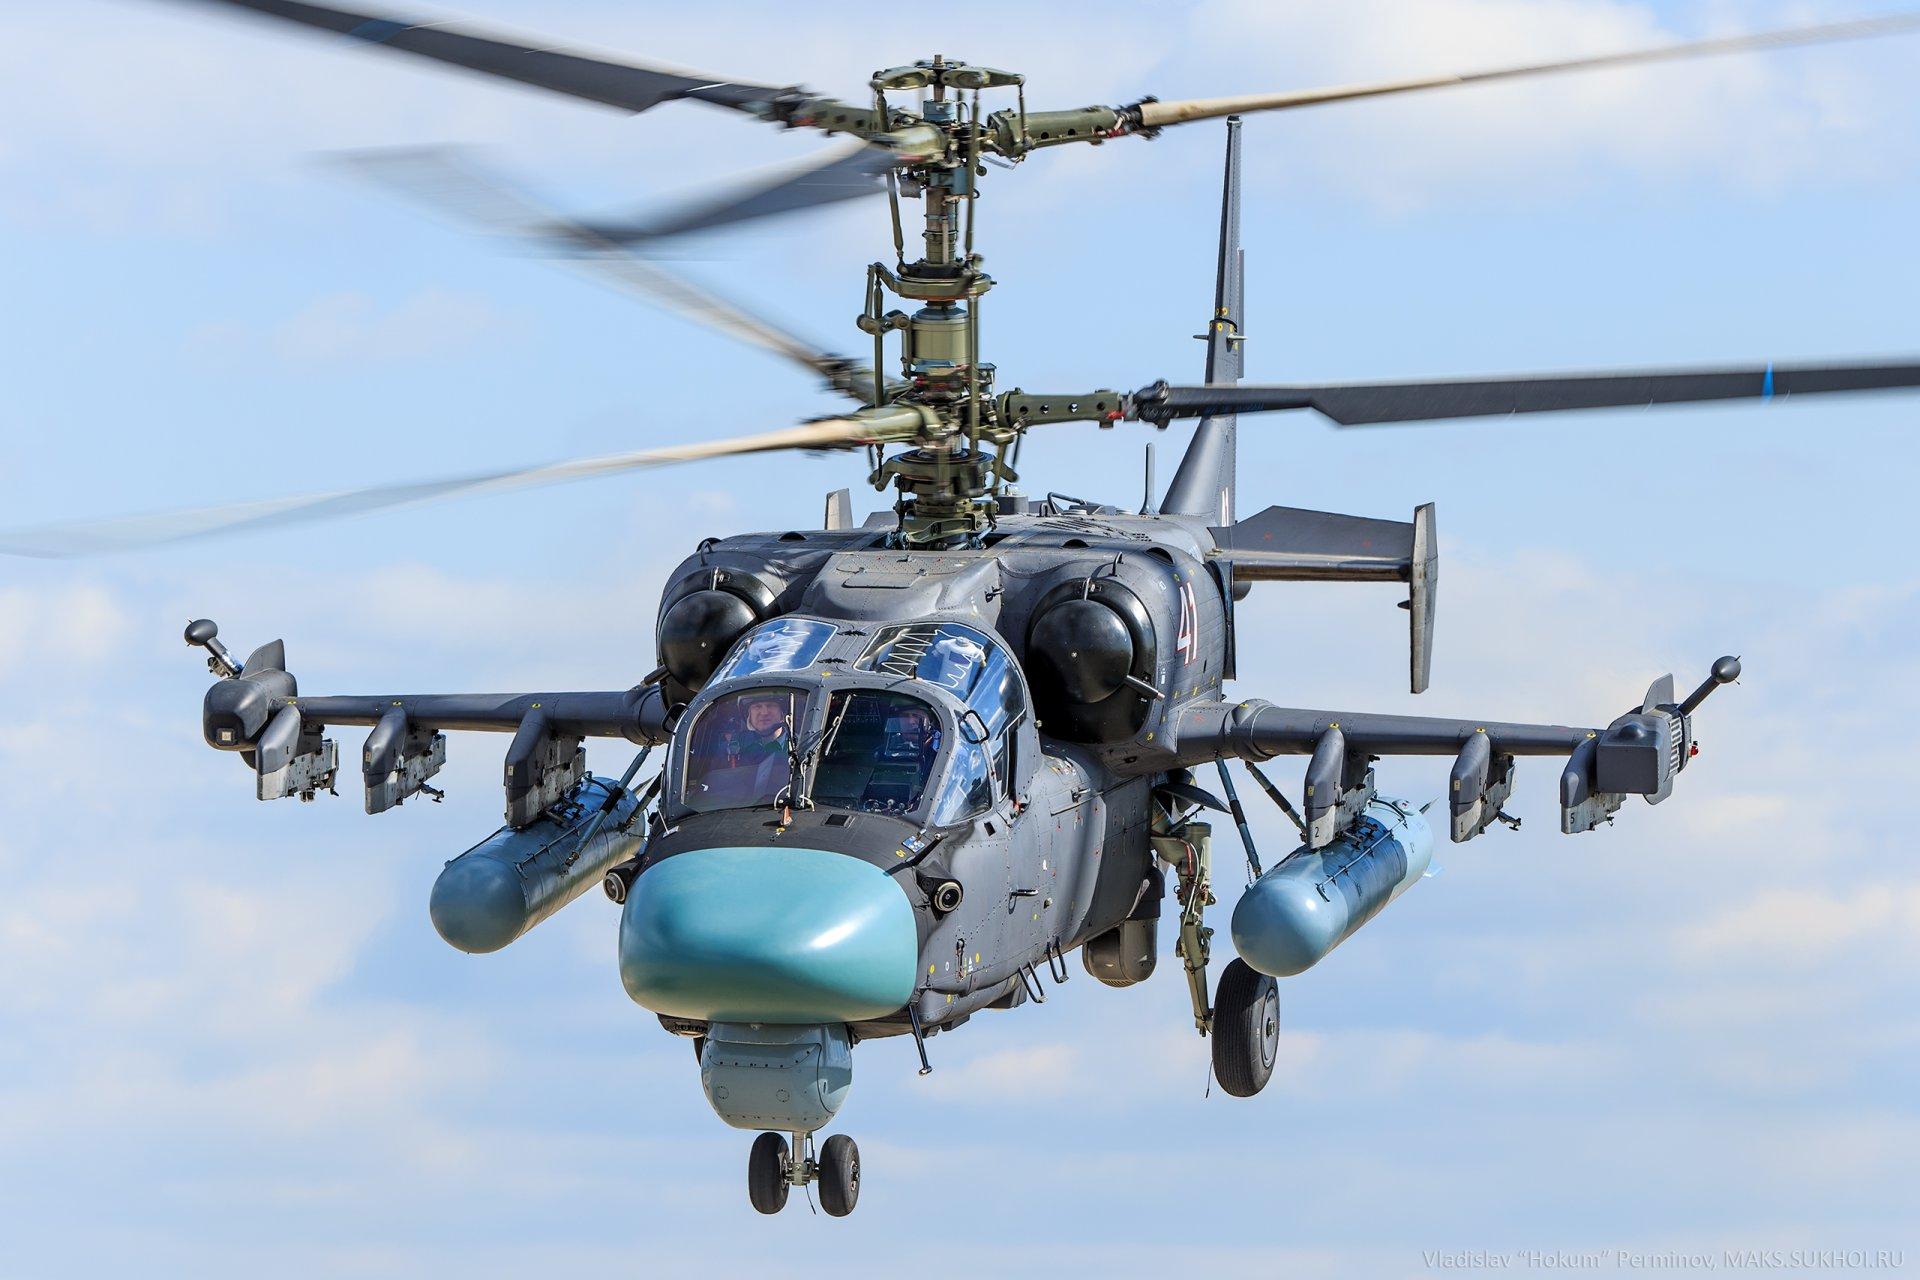 Обои Пятого поколения, многоцелевой, ПАК ФА Т-50, Самолёт, сверхзвуковой, Владислав Перминов, истребитель. Авиация foto 13